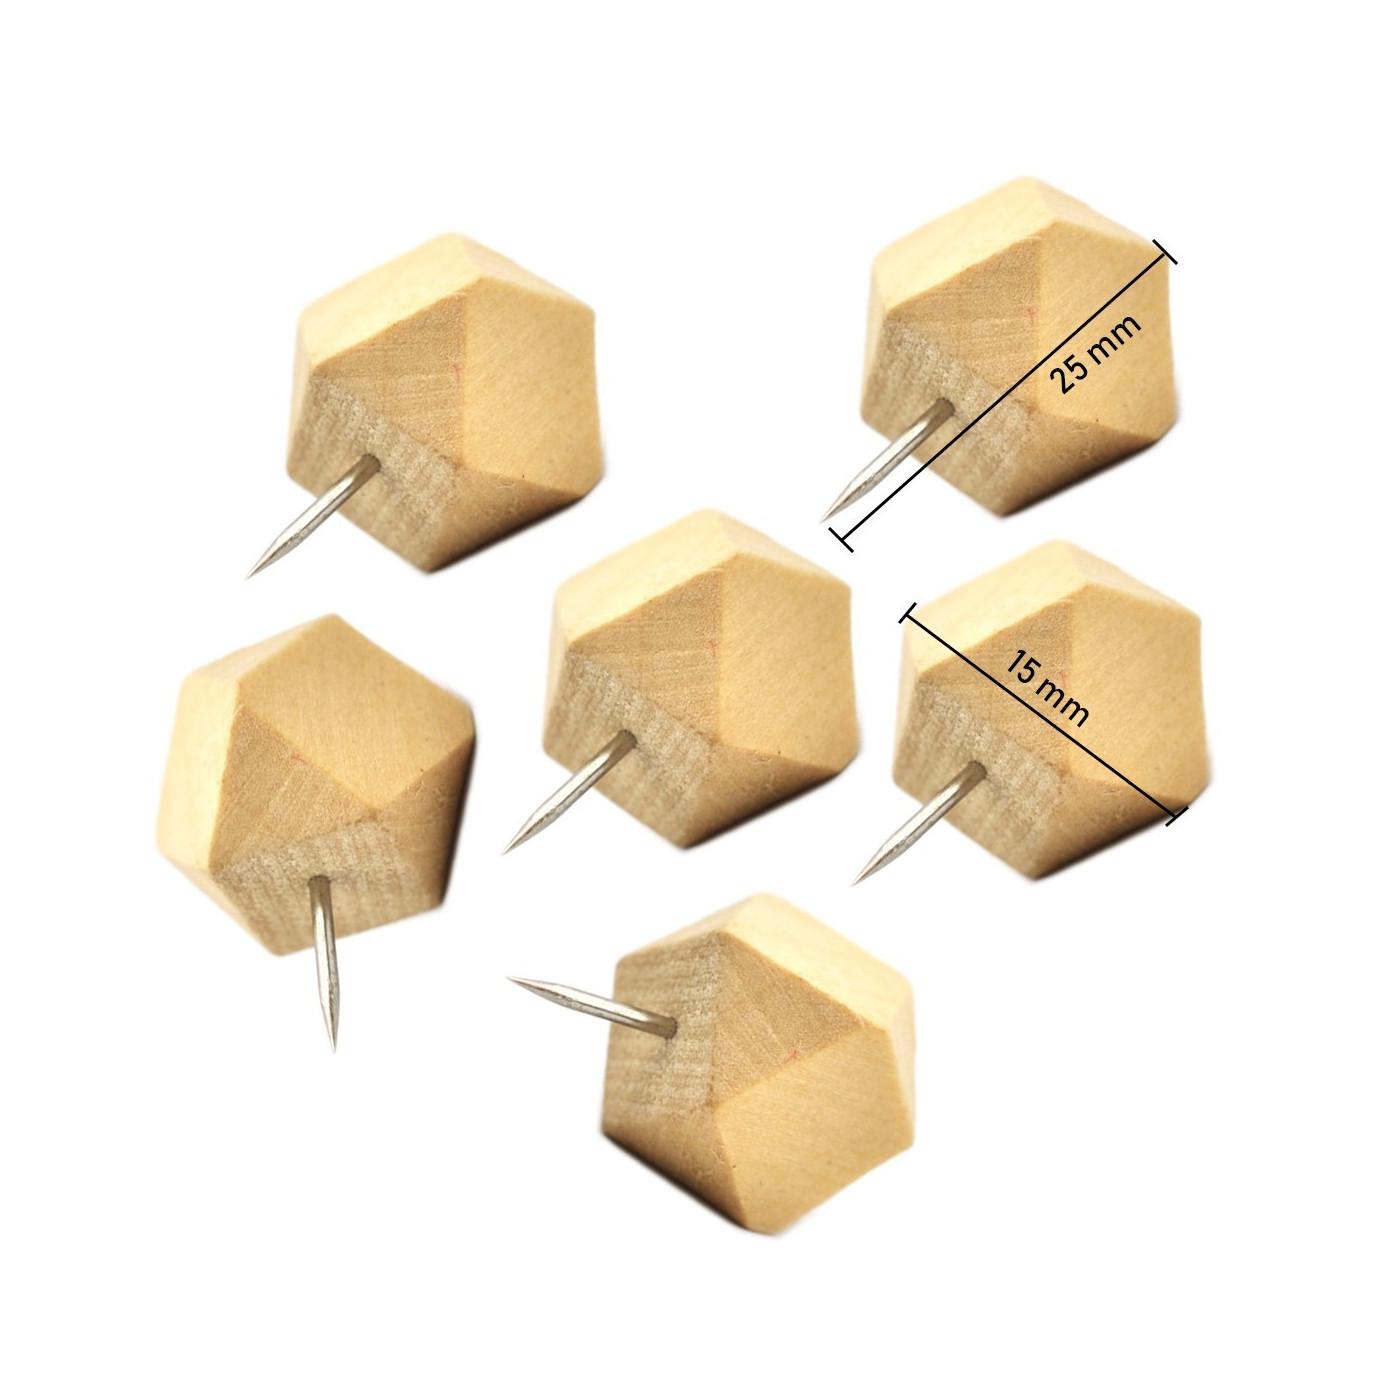 Conjunto de 28 alfinetes de polígono de madeira em caixas  - 1